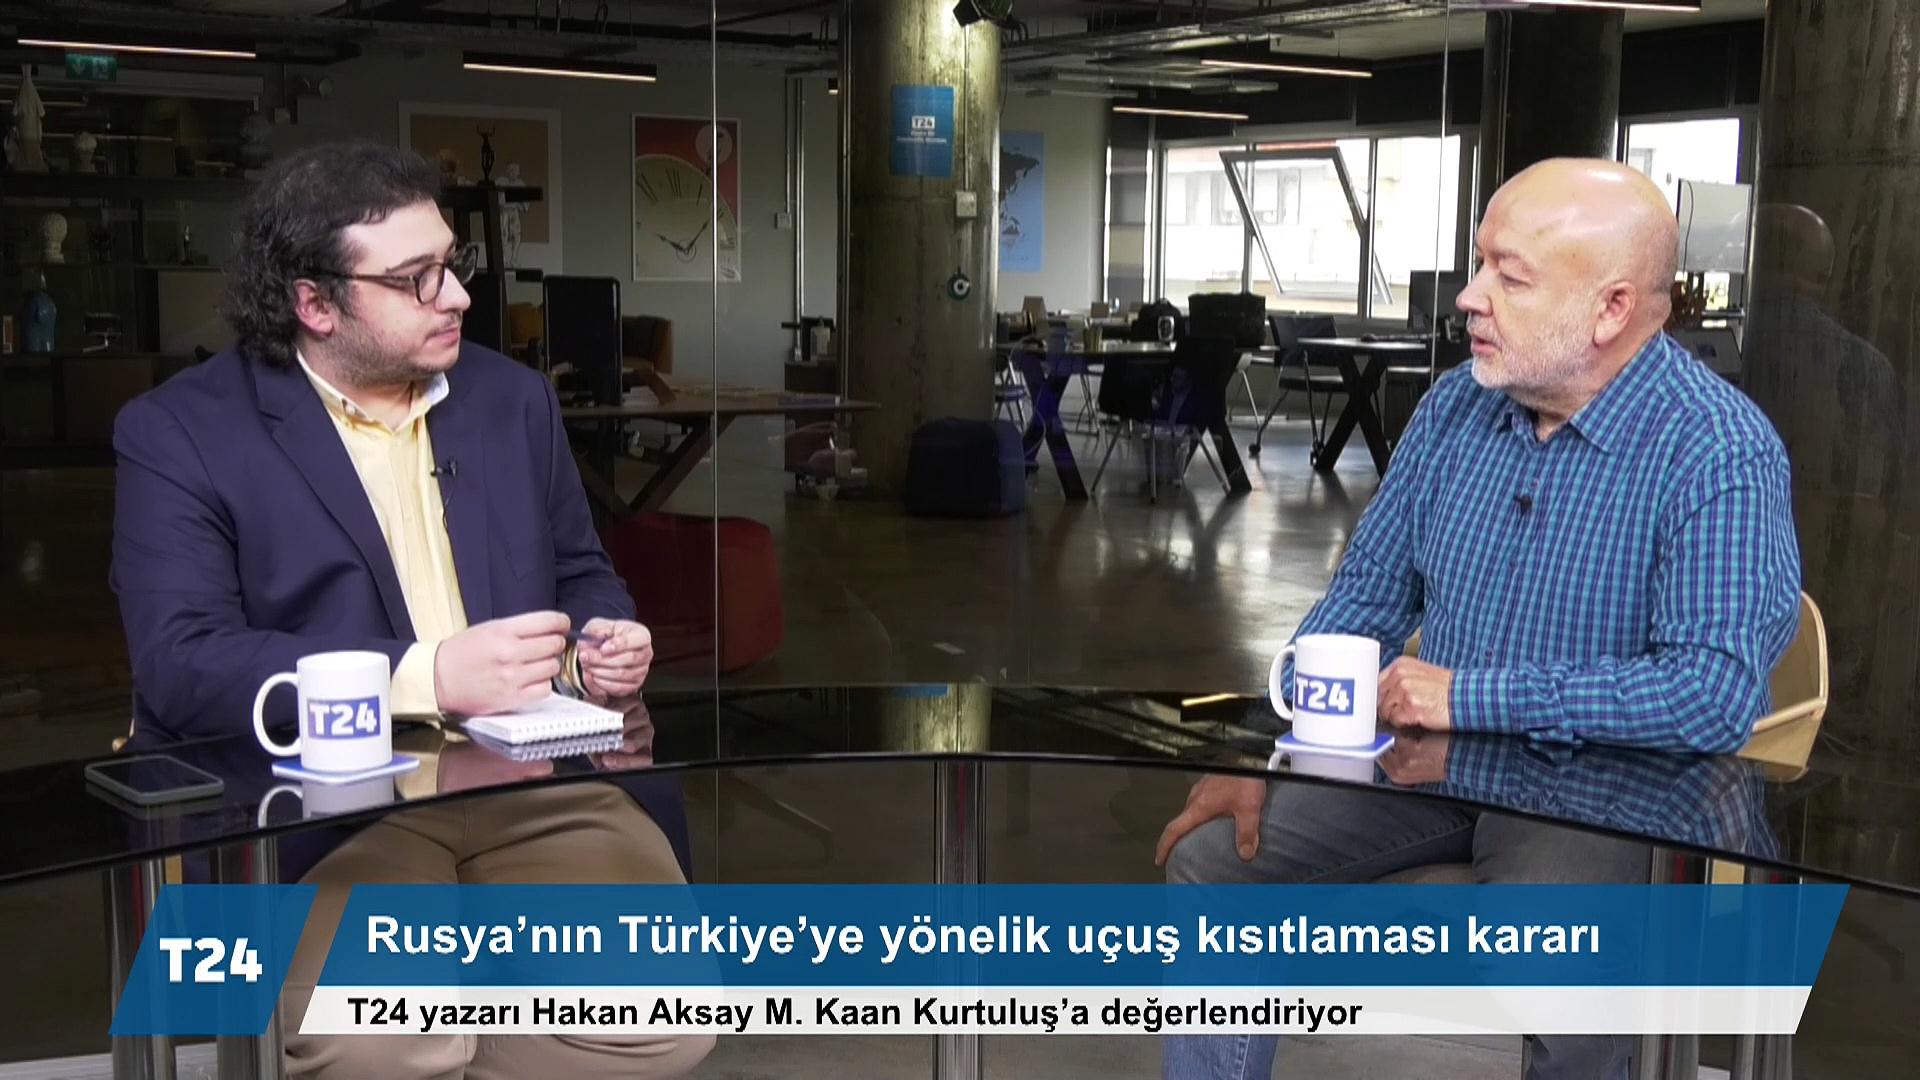 Hakan Aksay: Rusya'nın havayolu kısıtlaması, Korona kaygısından ziyade siyasi baskı isteğine dayanıyor